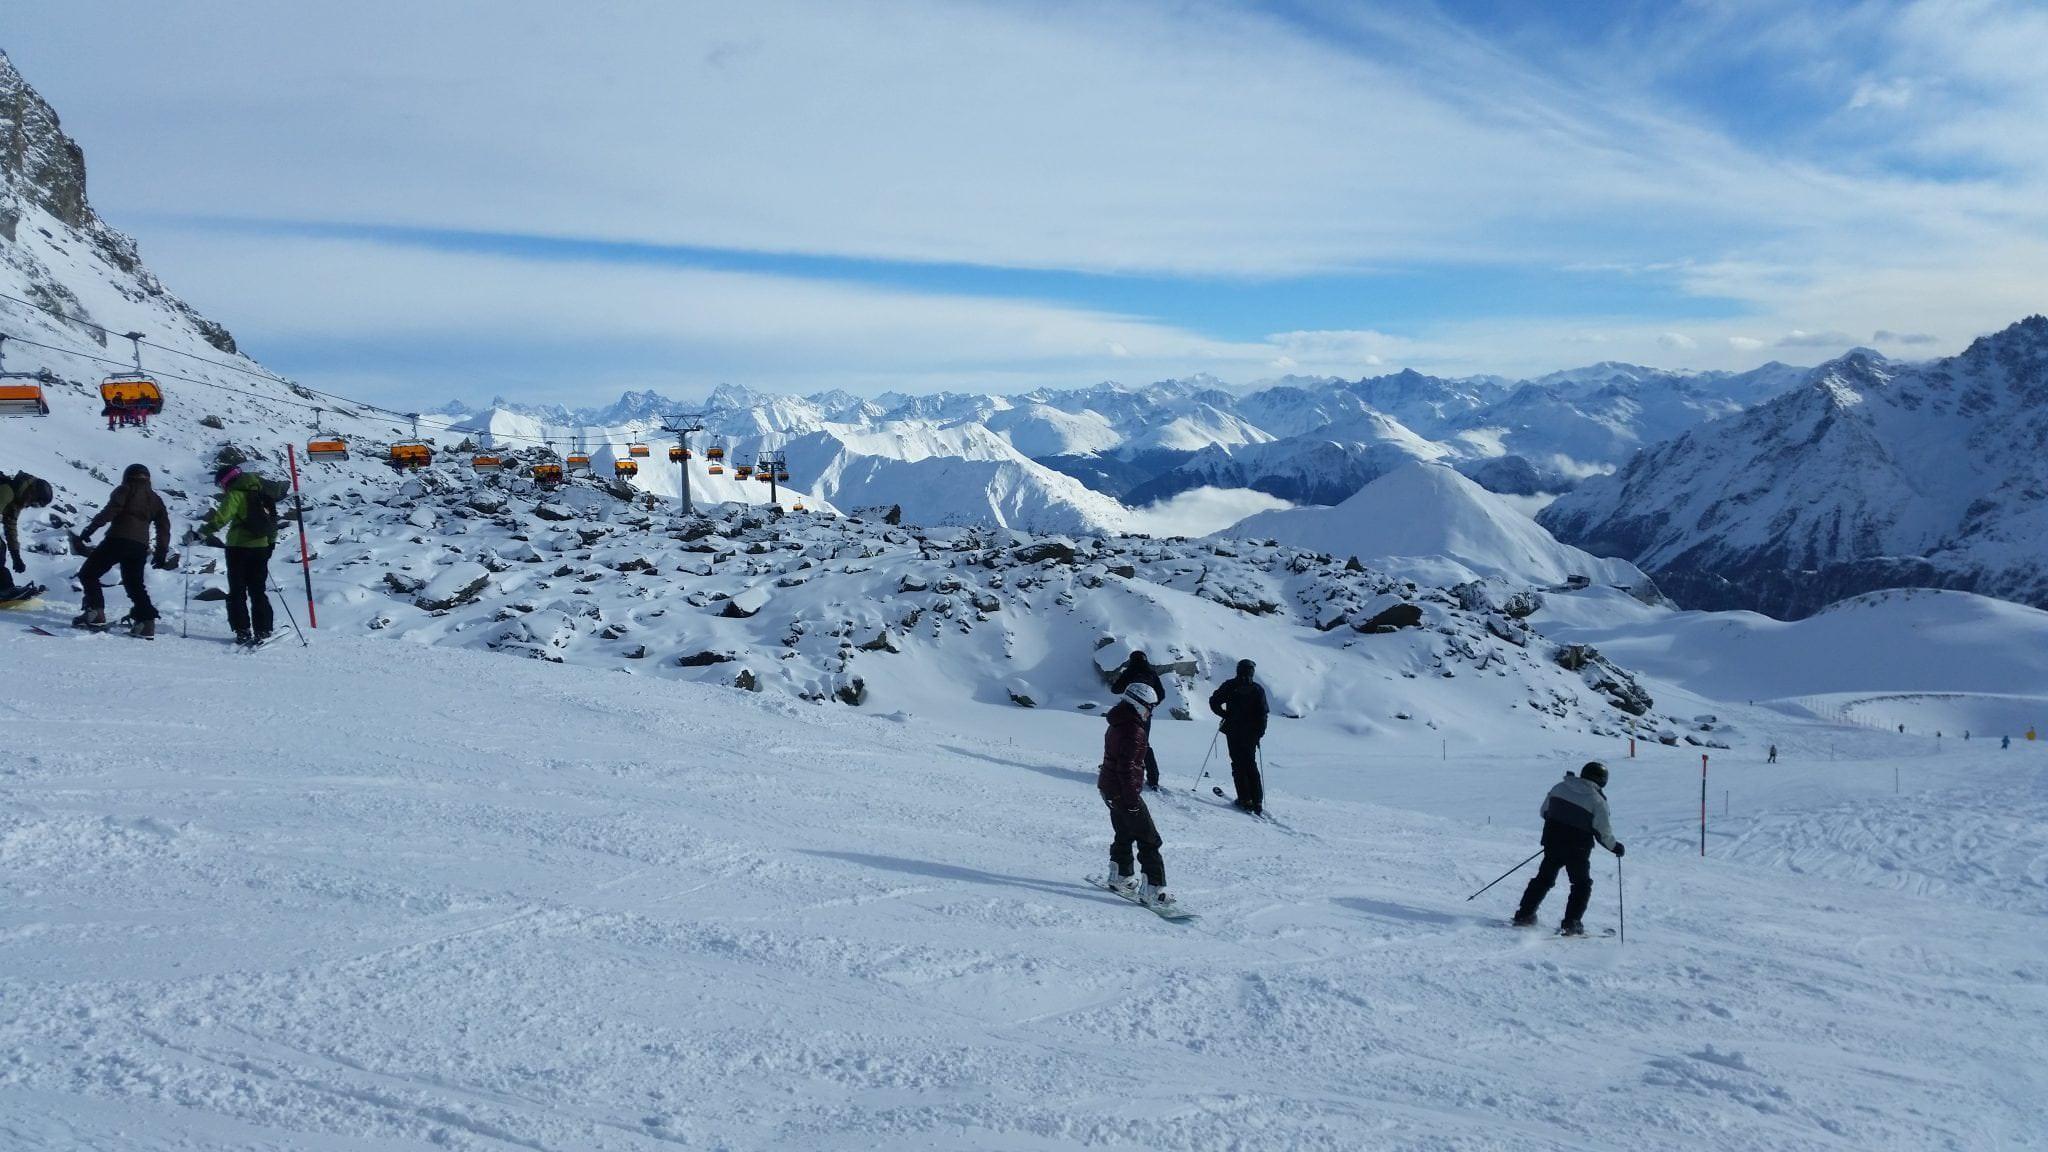 Skigebiete Teil 1: Ischgl – das Winterwonderland